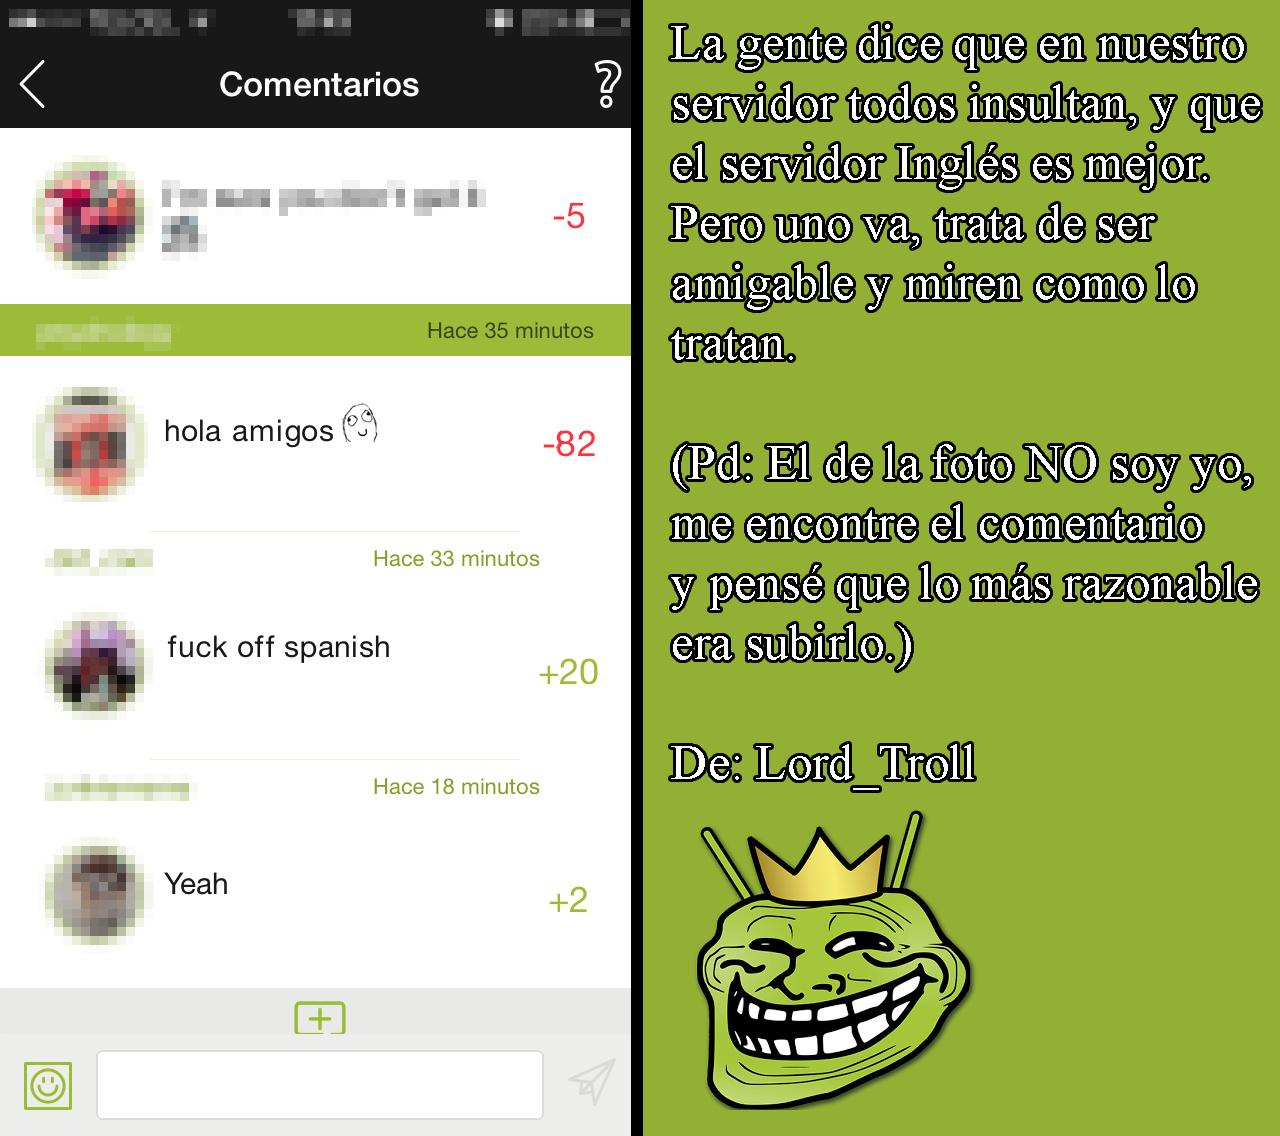 El servidor Inglés nos insulto... D: - meme